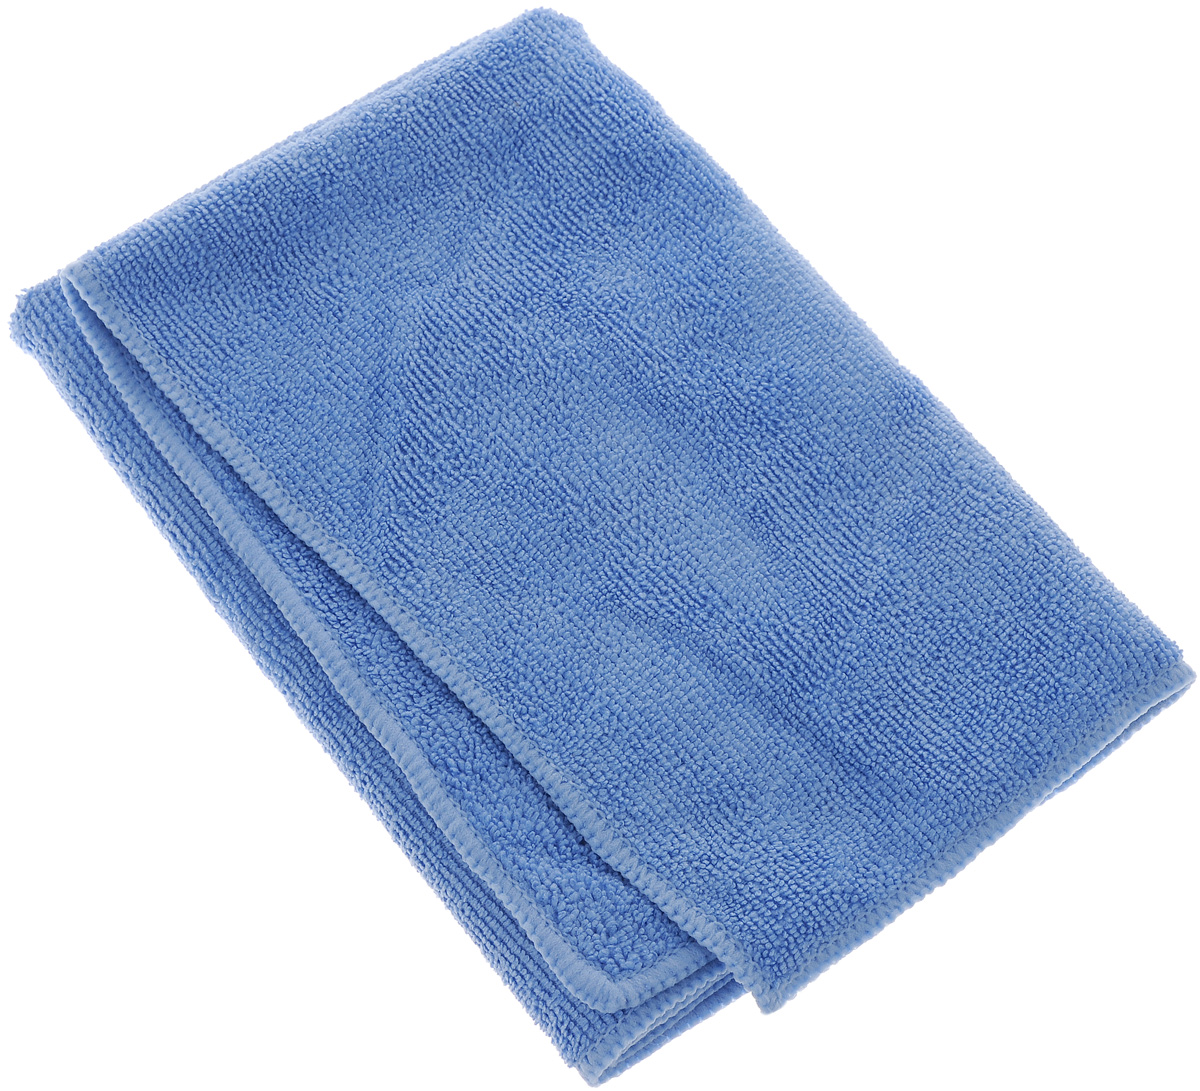 Салфетка для ухода за автомобилем Pingo, цвет: синий, 40 x 40 смTD 0293Салфетка Pingo идеально подходит для полировки кузова автомобиля, для чистки лобового стекла, пластика и хрома, обивки сидений и кузова автомобиля, для влажной и сухой уборки. Махровая салфетка из микрофибры (полиэстер, полиамид) отлично впитывает влагу, быстро и эффективно удаляет пыль и грязь без применения дополнительных чистящих средств.Сильно загрязненную салфетку промыть в теплой воде. При стирке не использовать отбеливатель и смягчающие средства, не гладить.